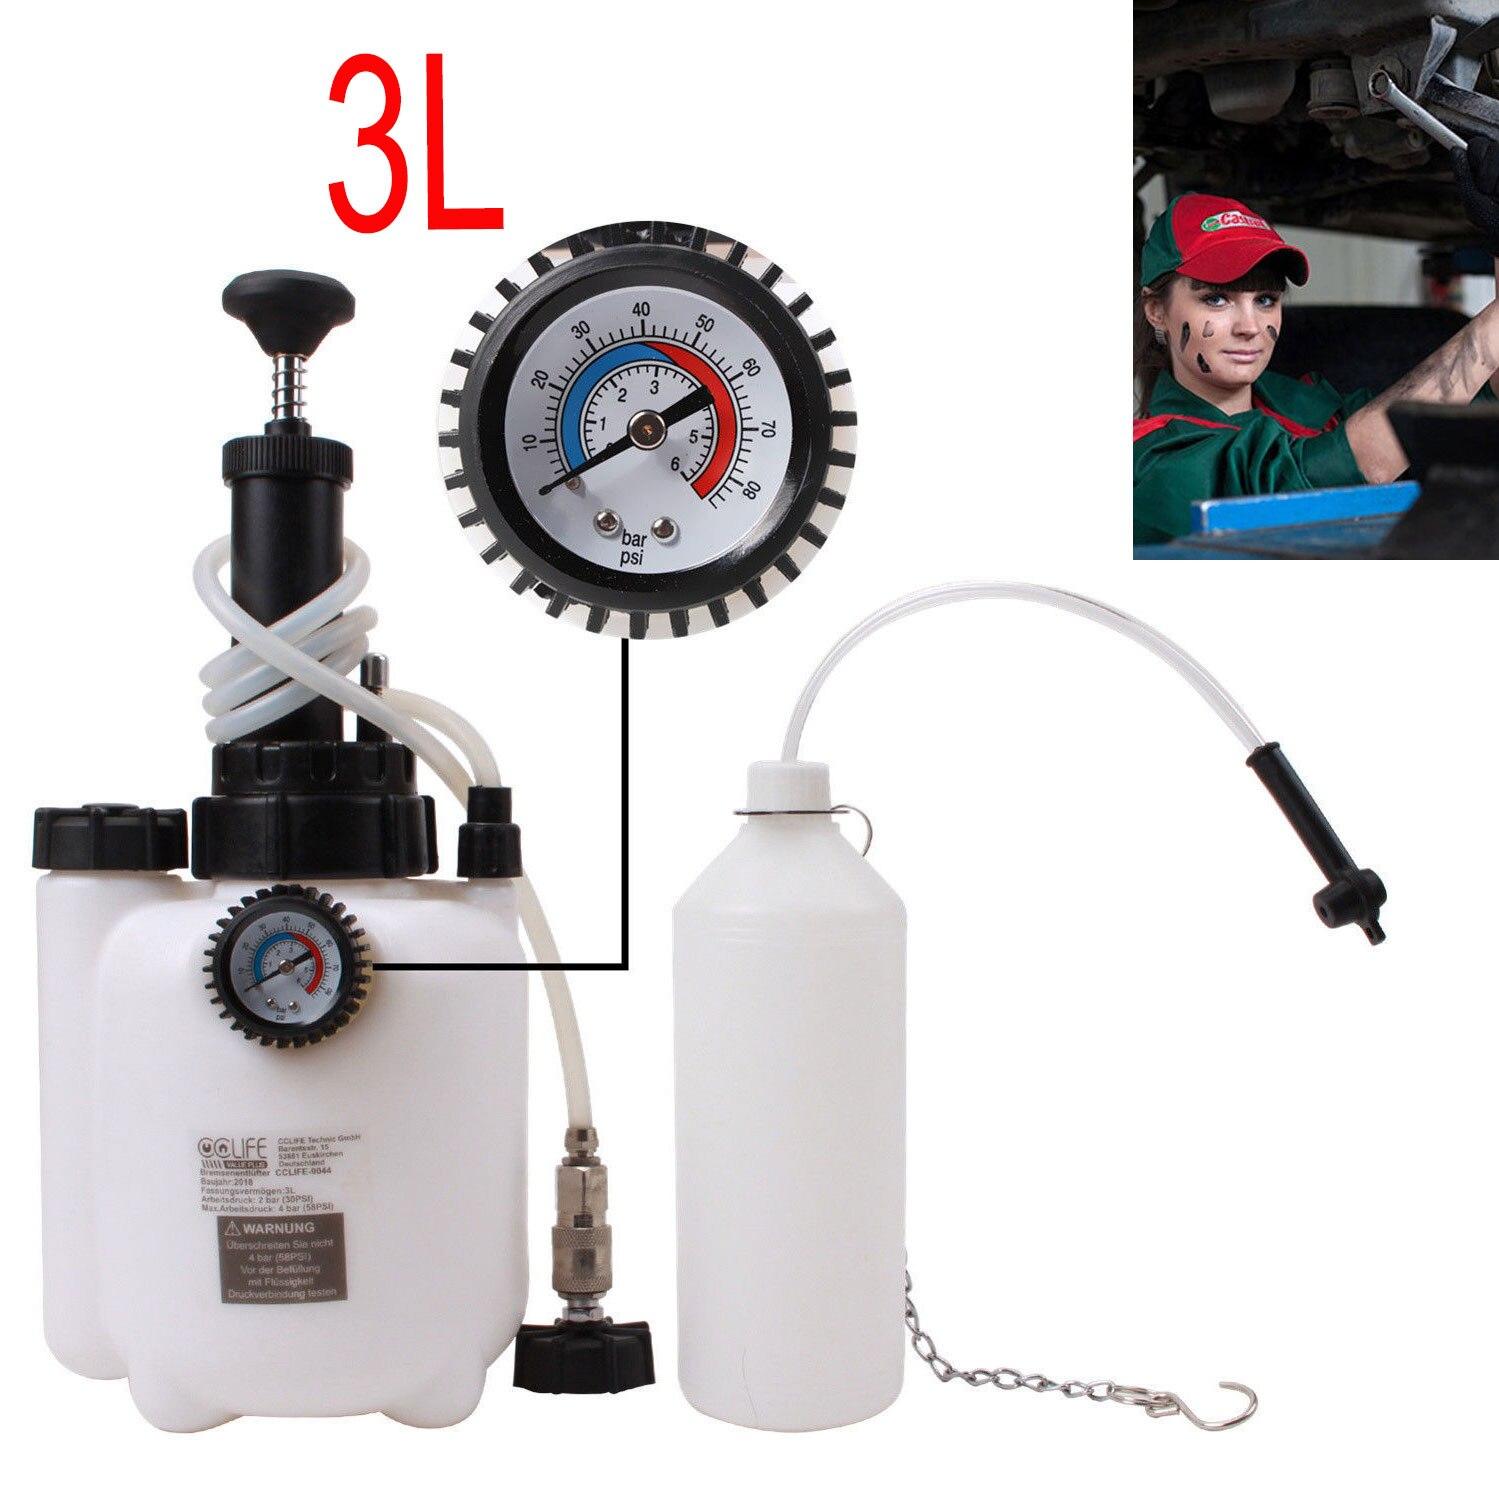 3L purgador de frenos 40-58 PSI robusto Kit de purga de líquido de frenos Kit de repuesto automático para el cuidado del motor Kits de líquido de purga